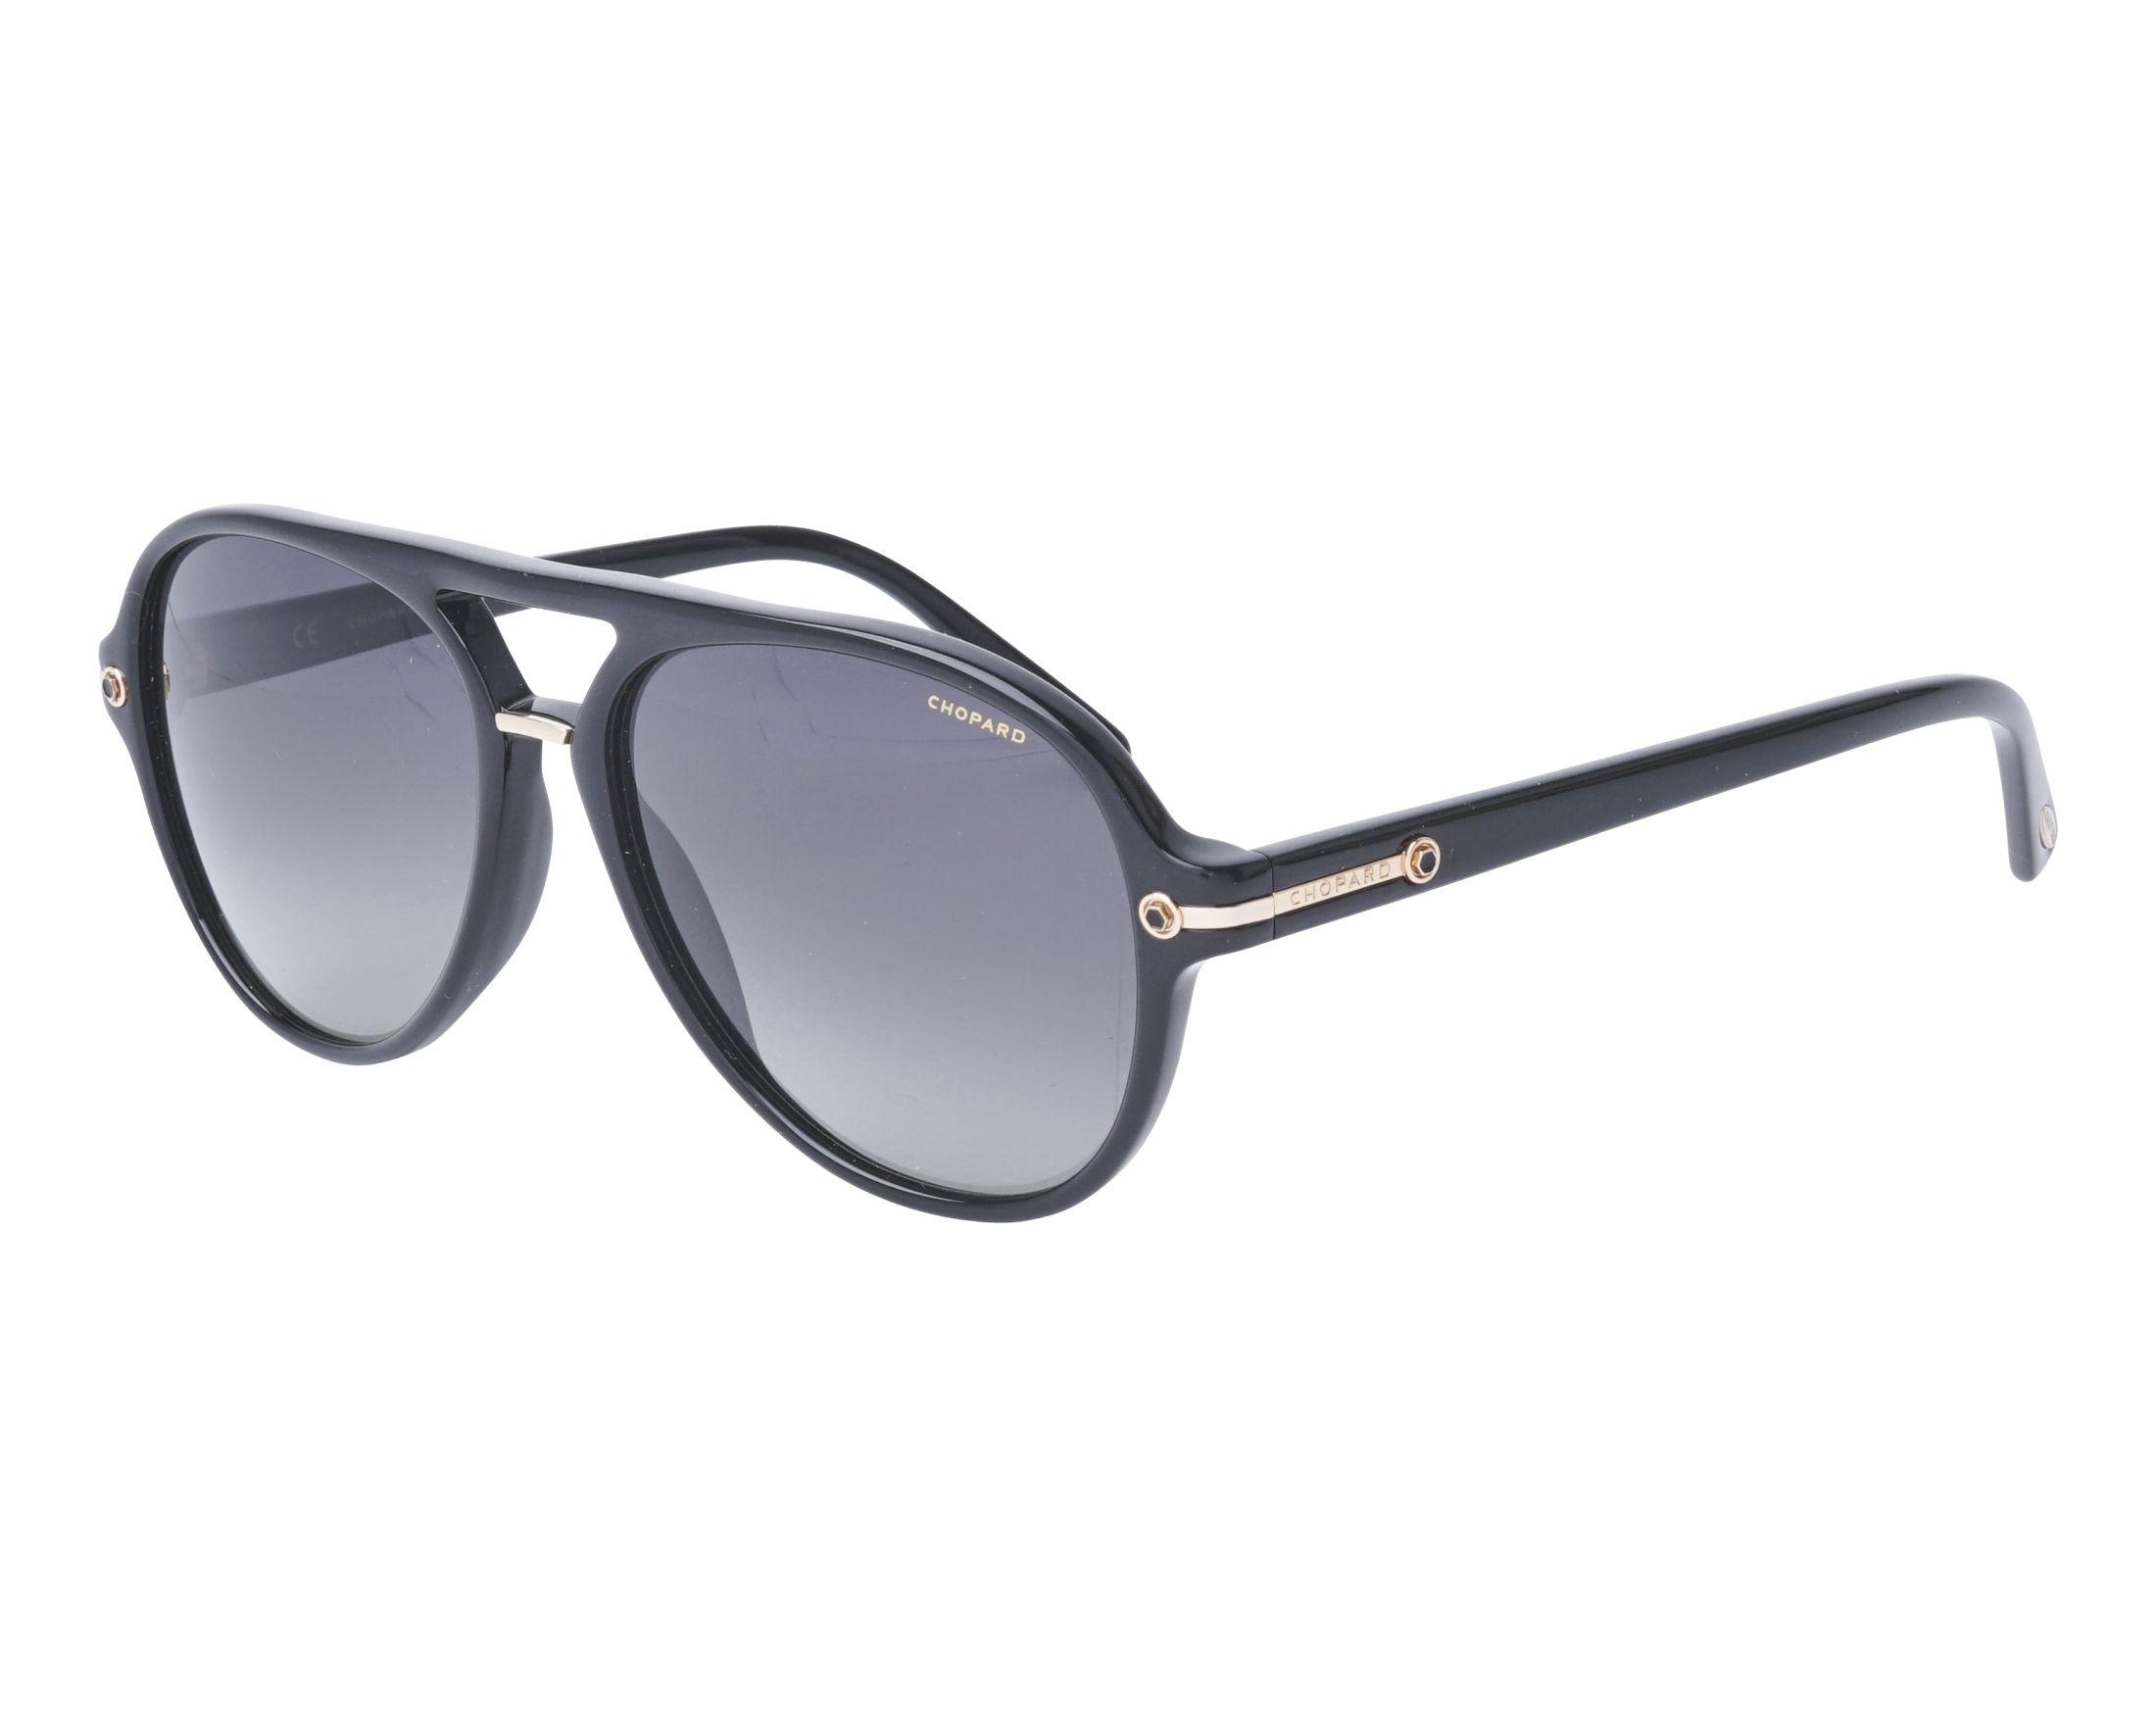 51a8f8b65a Gafas de sol Chopard SCH-193 700P 58-16 Negra vista de perfil